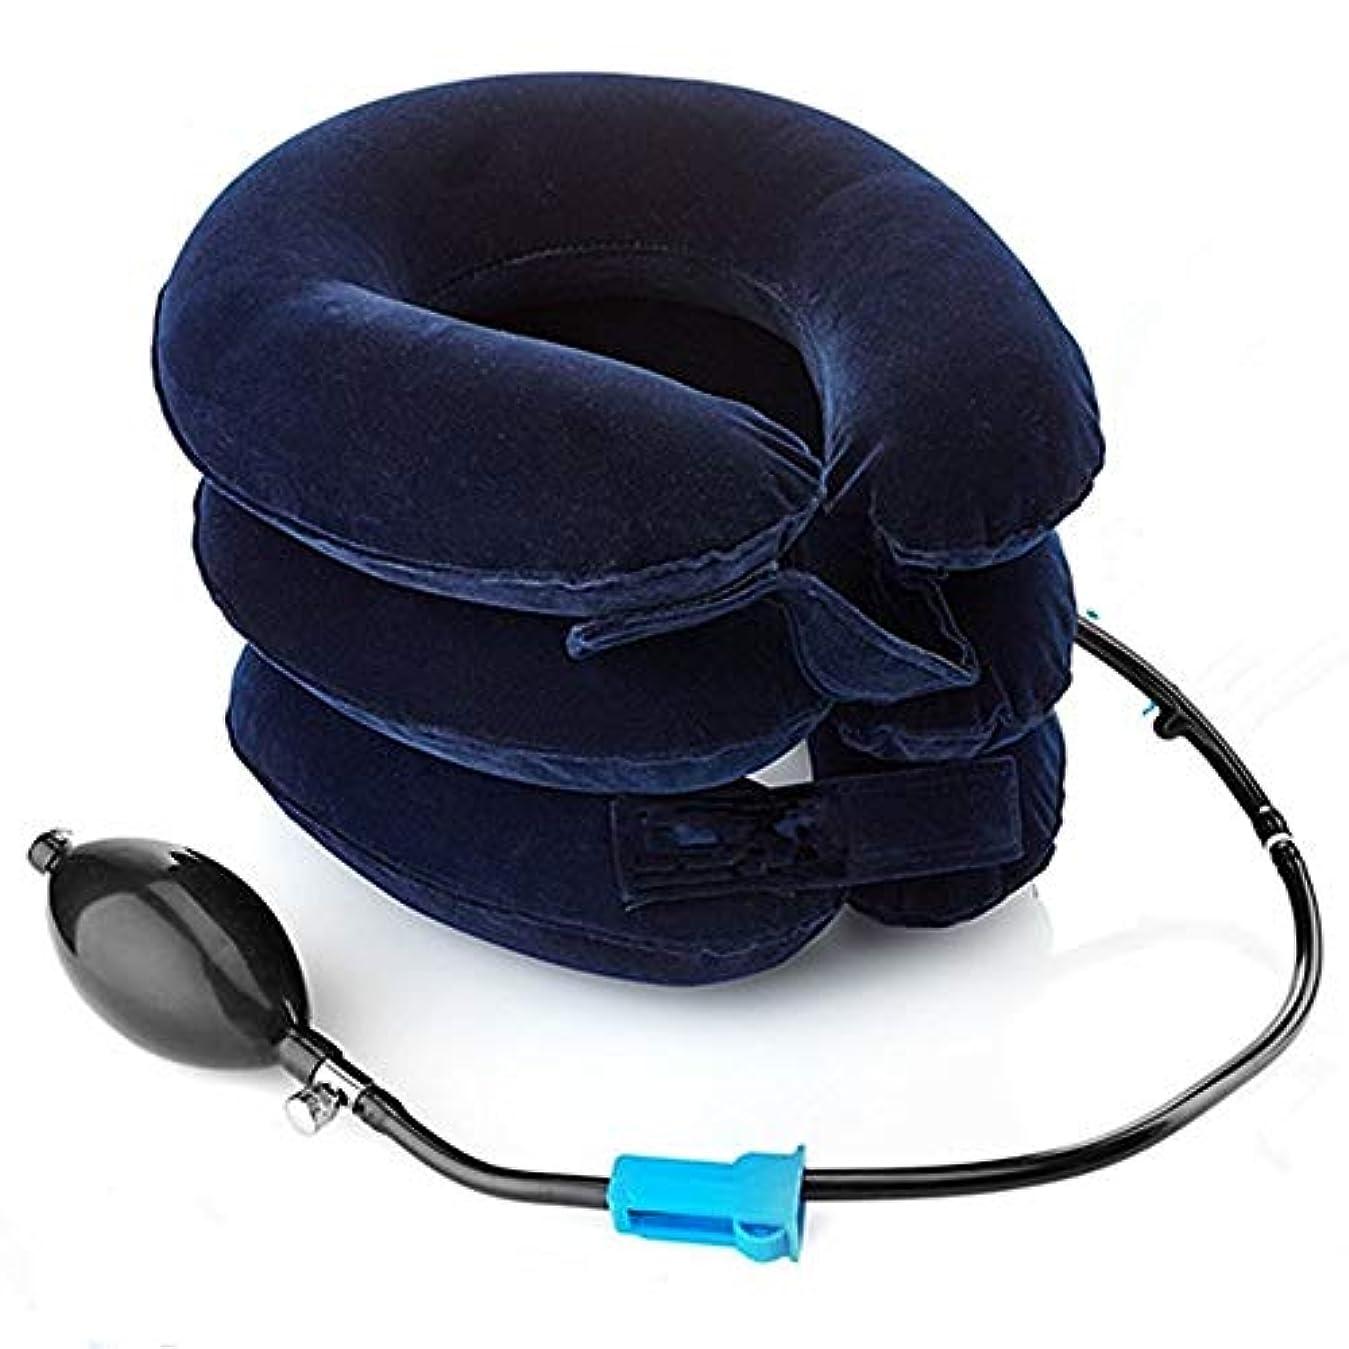 料理メタリック曲げる子宮頸管牽引装置FDA登録 - ホームトラクション背骨の整列のためのインフレータブル&調節可能なネックストレッチャーカラー